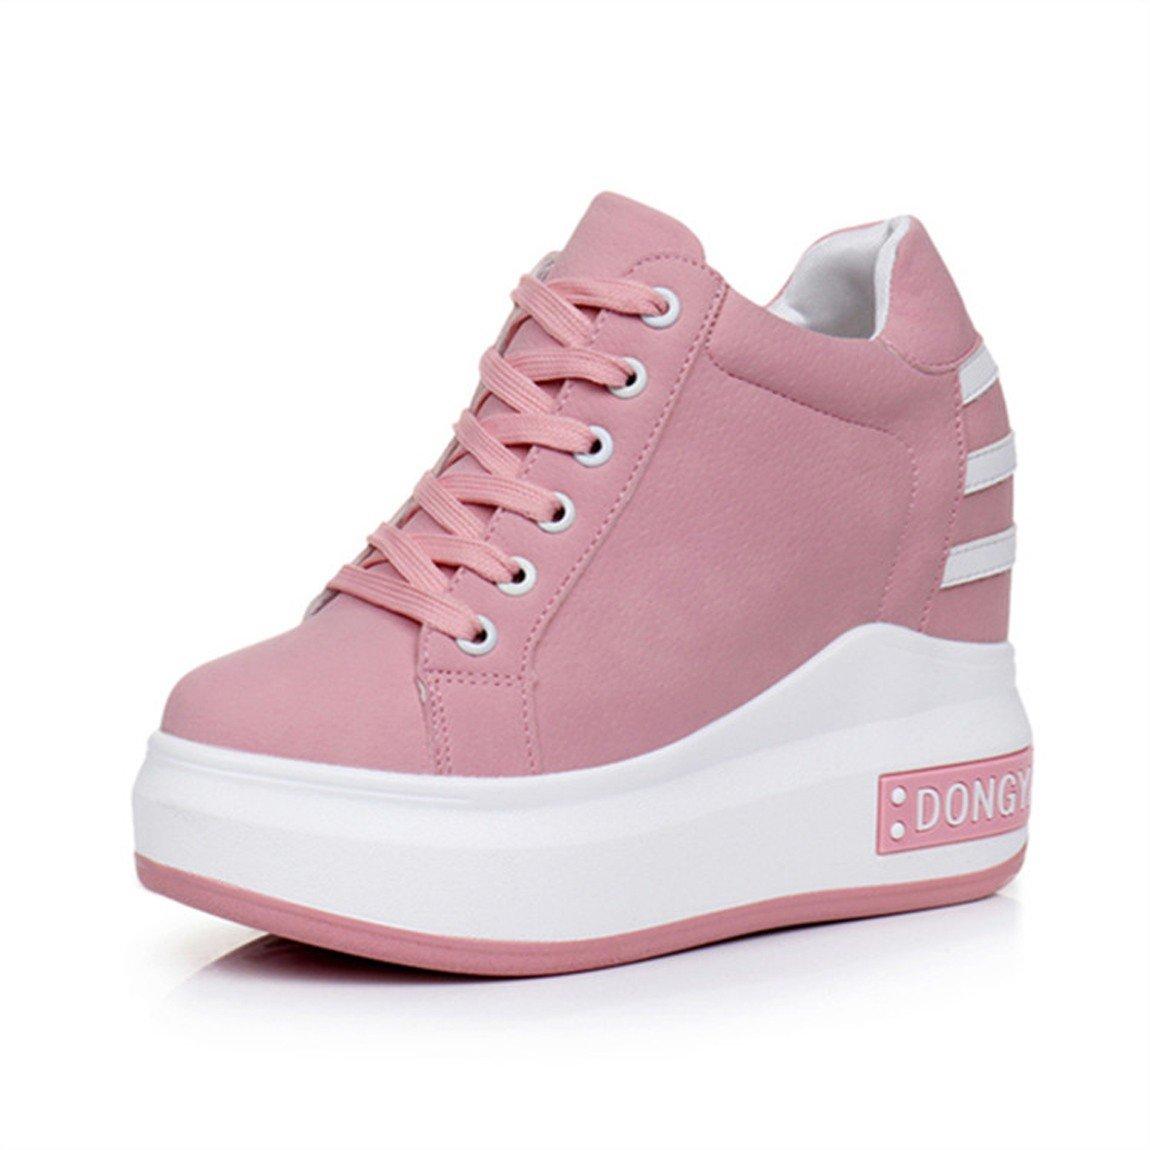 GTVERNH Zapatos de mujer/En Primavera Zapatos De Mujer Están Aumentado En Boca Superficial Rosa Magdalena Solo Zapatos Rough Bottom Cuero Inclinados Casual Zapatos De Los Deportes.Treinta Y Cinco Pink Thirty-five|Pink